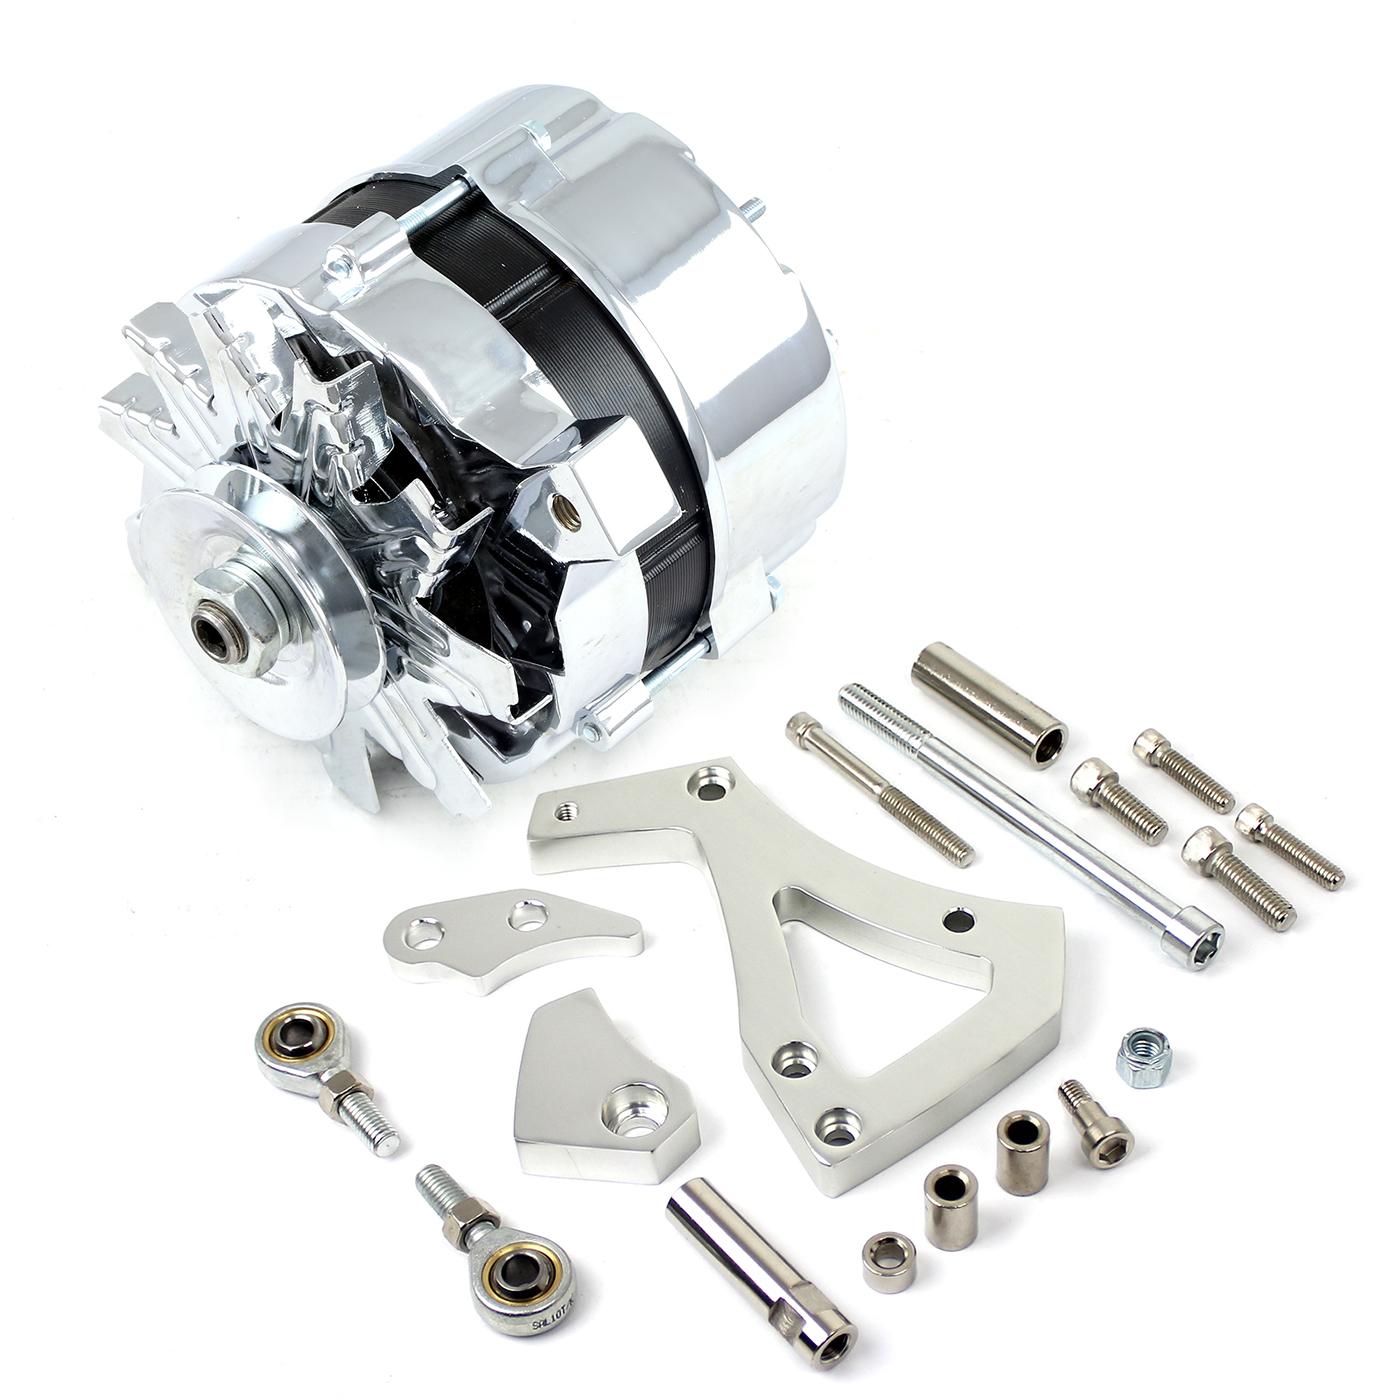 Ford 302 351C Cleveland 100 Amp V-Belt High Output Alternator & Bracket Kit